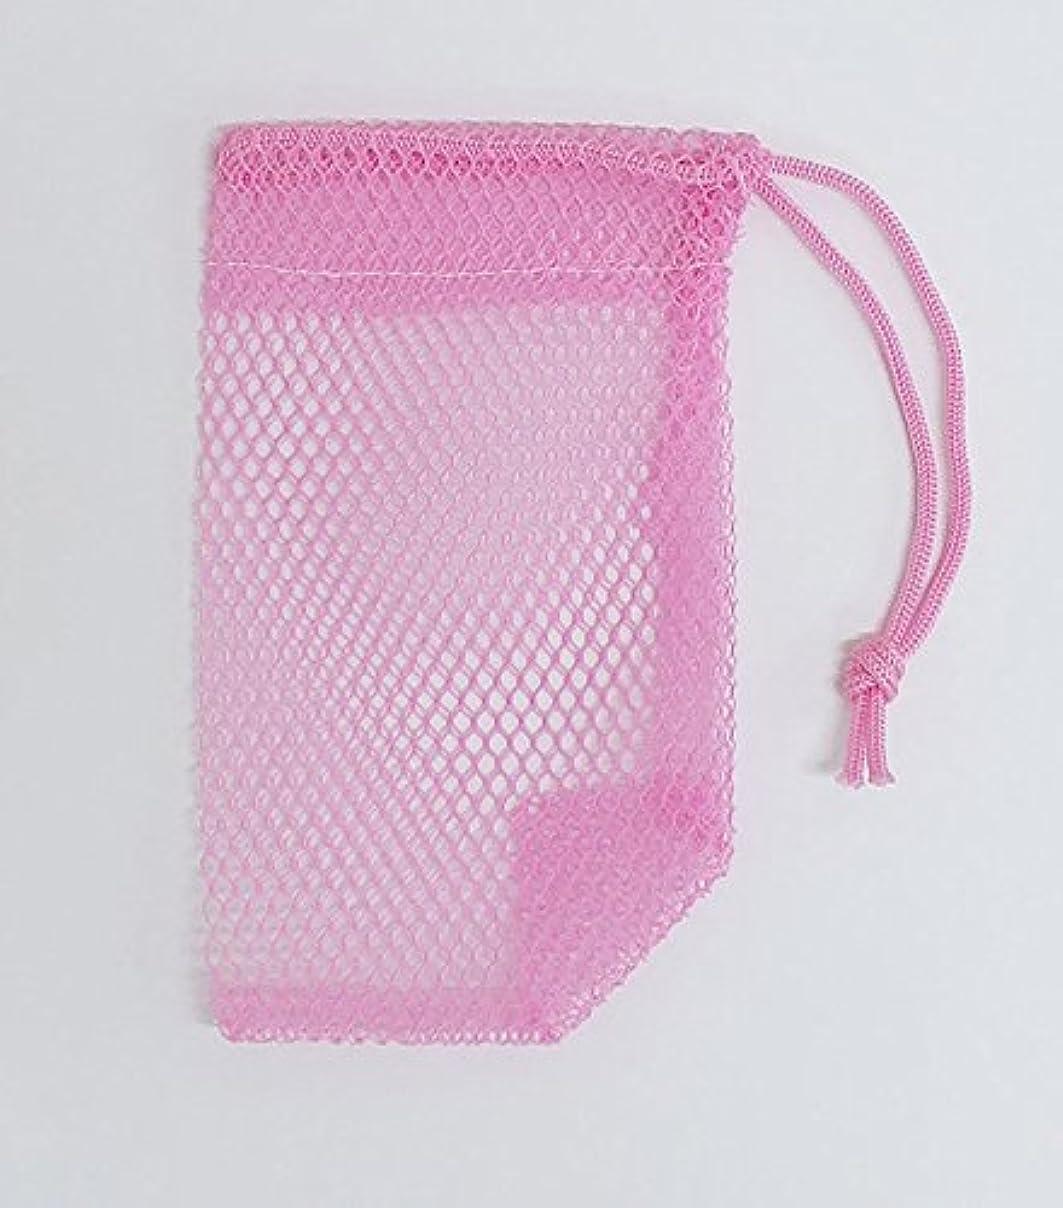 バックグラウンドとてもシェルター石けんネット ひもタイプ 20枚組  ピンク